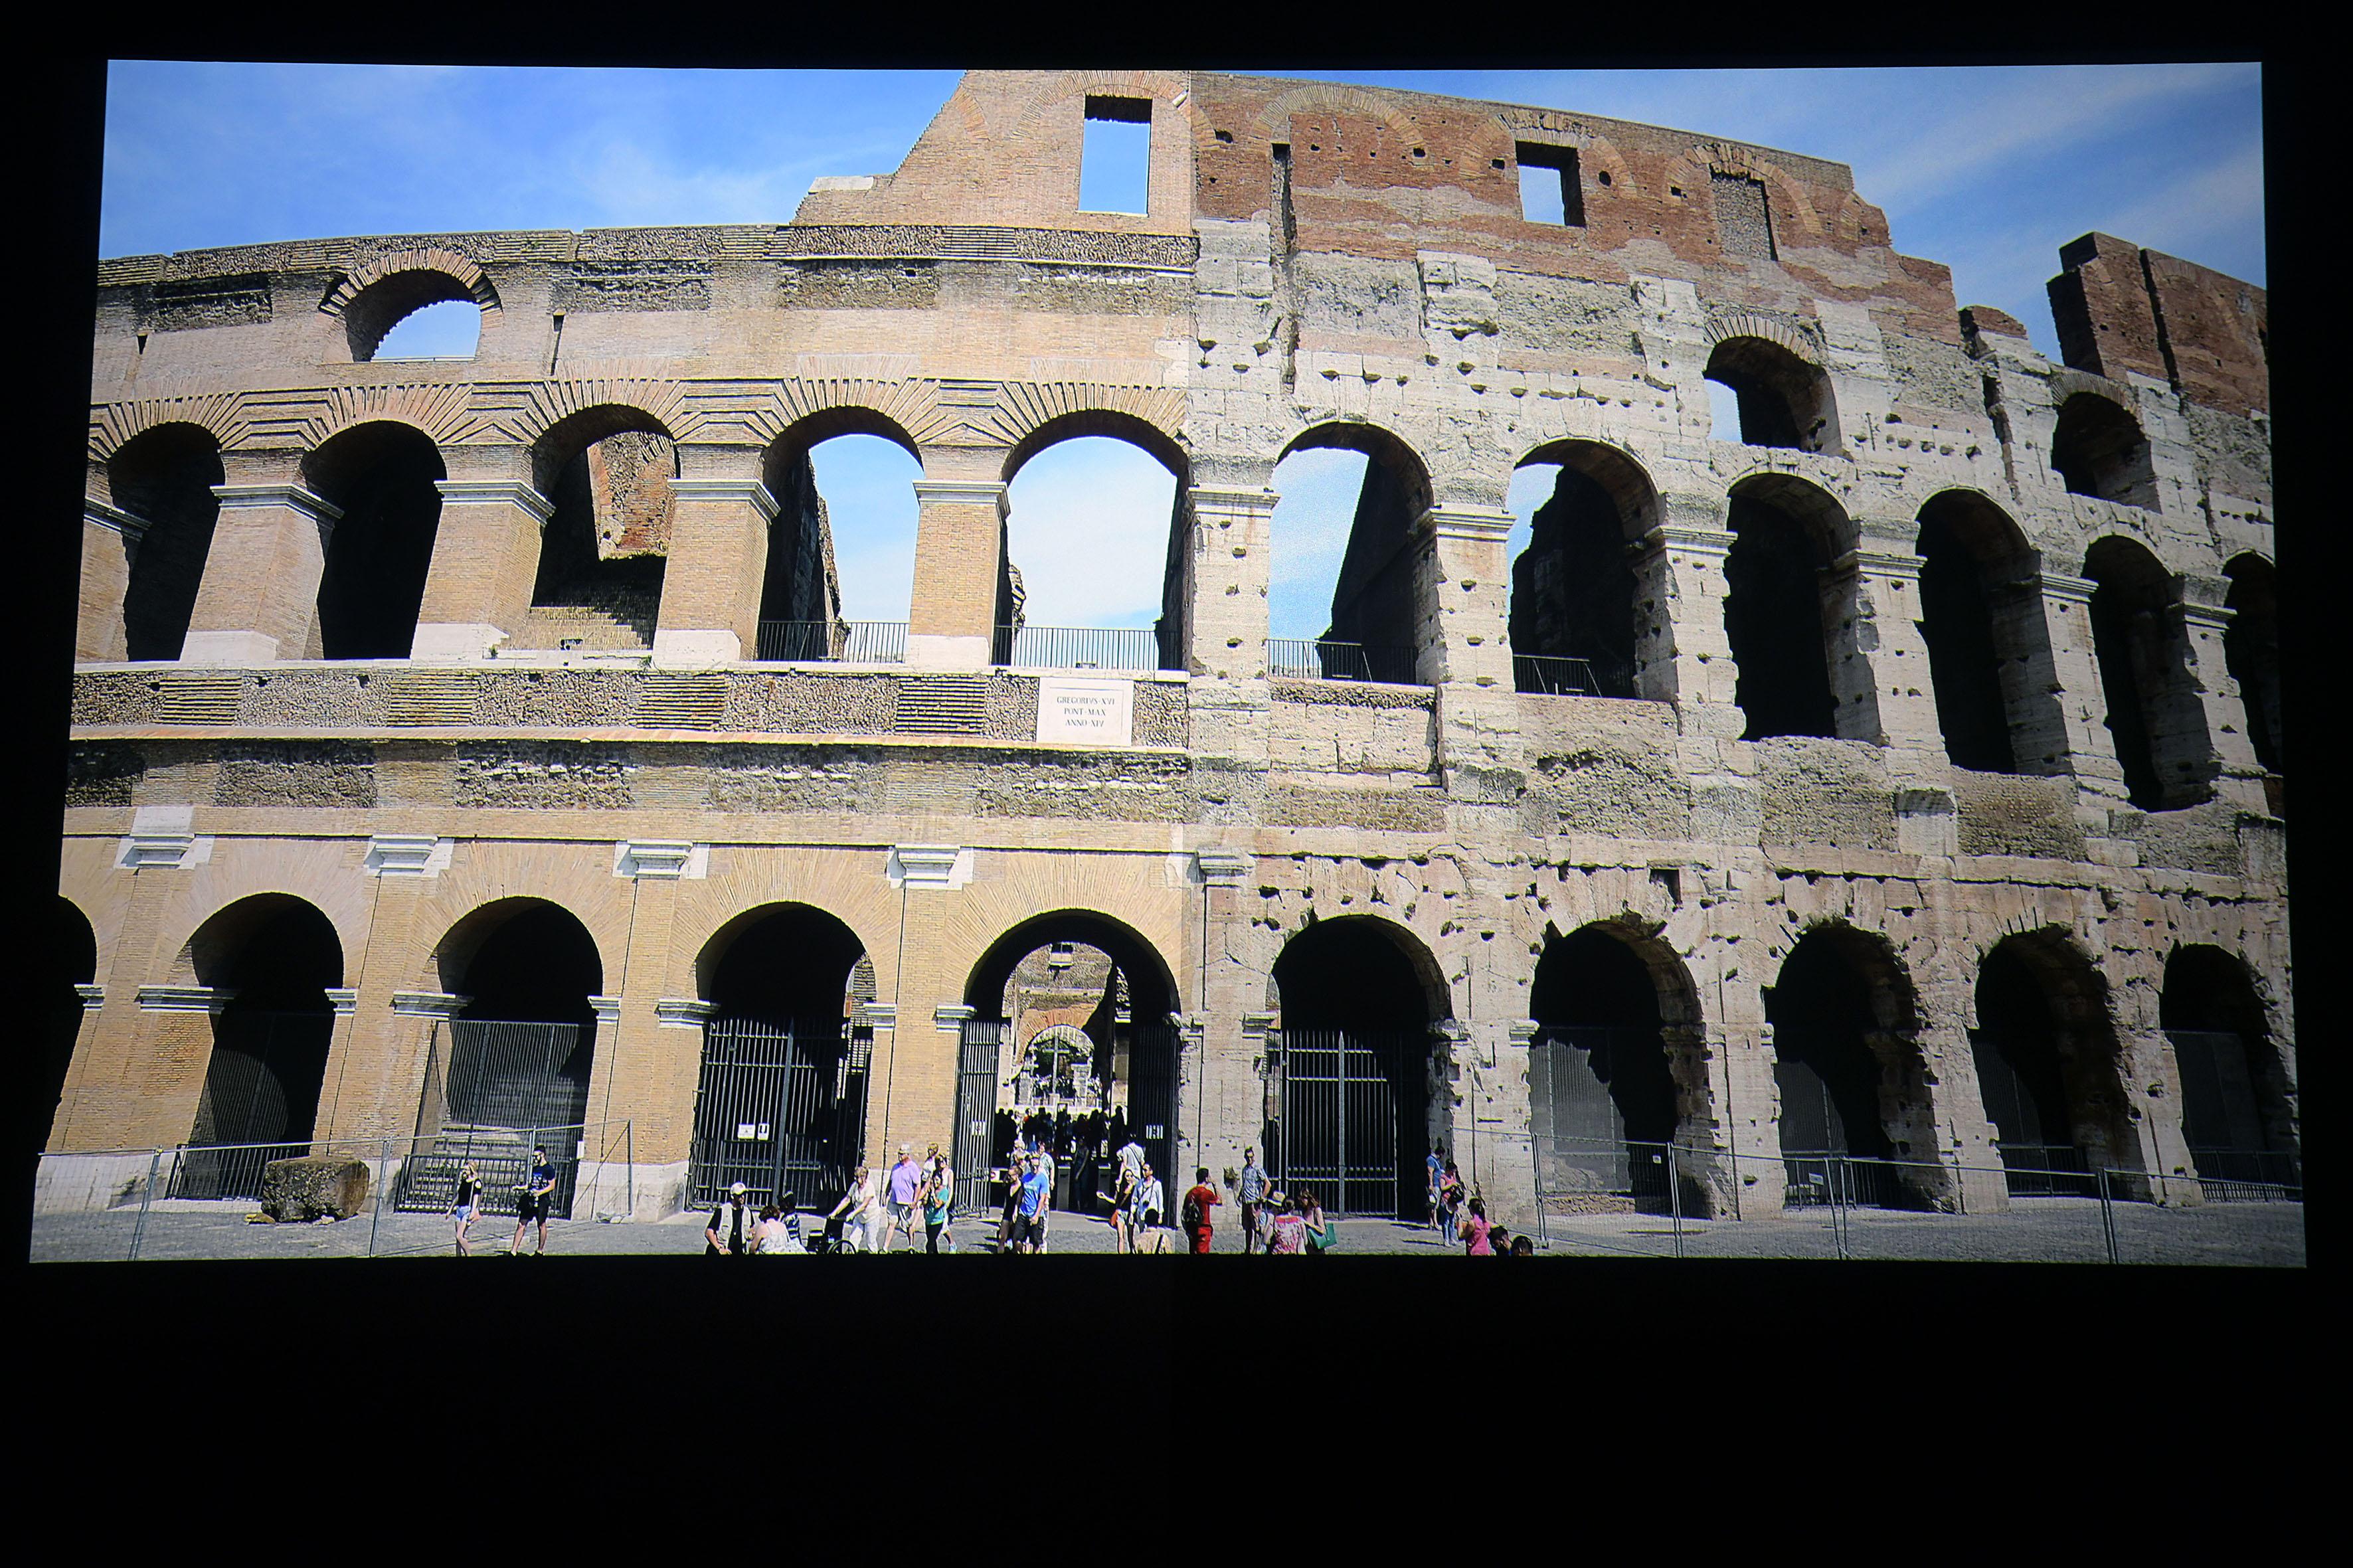 Foto: Michael B. Rehders Heimkino: Stewart StudioTek 100 (links) / Stewart Phantom HALR (rechts) Das Kolosseum in Rom erstrahlt zur Mittagszeit in voller Pracht. Touristen befinden sich innen und außen davor. Die Farben sehen auf beiden Leinwänden identisch aus. Der Helligkeitsunterschied ist relativ gering vom Sitzplatz aus. Auffällig ist nun wieder ein leichtes Grießeln auf der Phantom HALR, welches die StudioTek100 nicht zeigt.